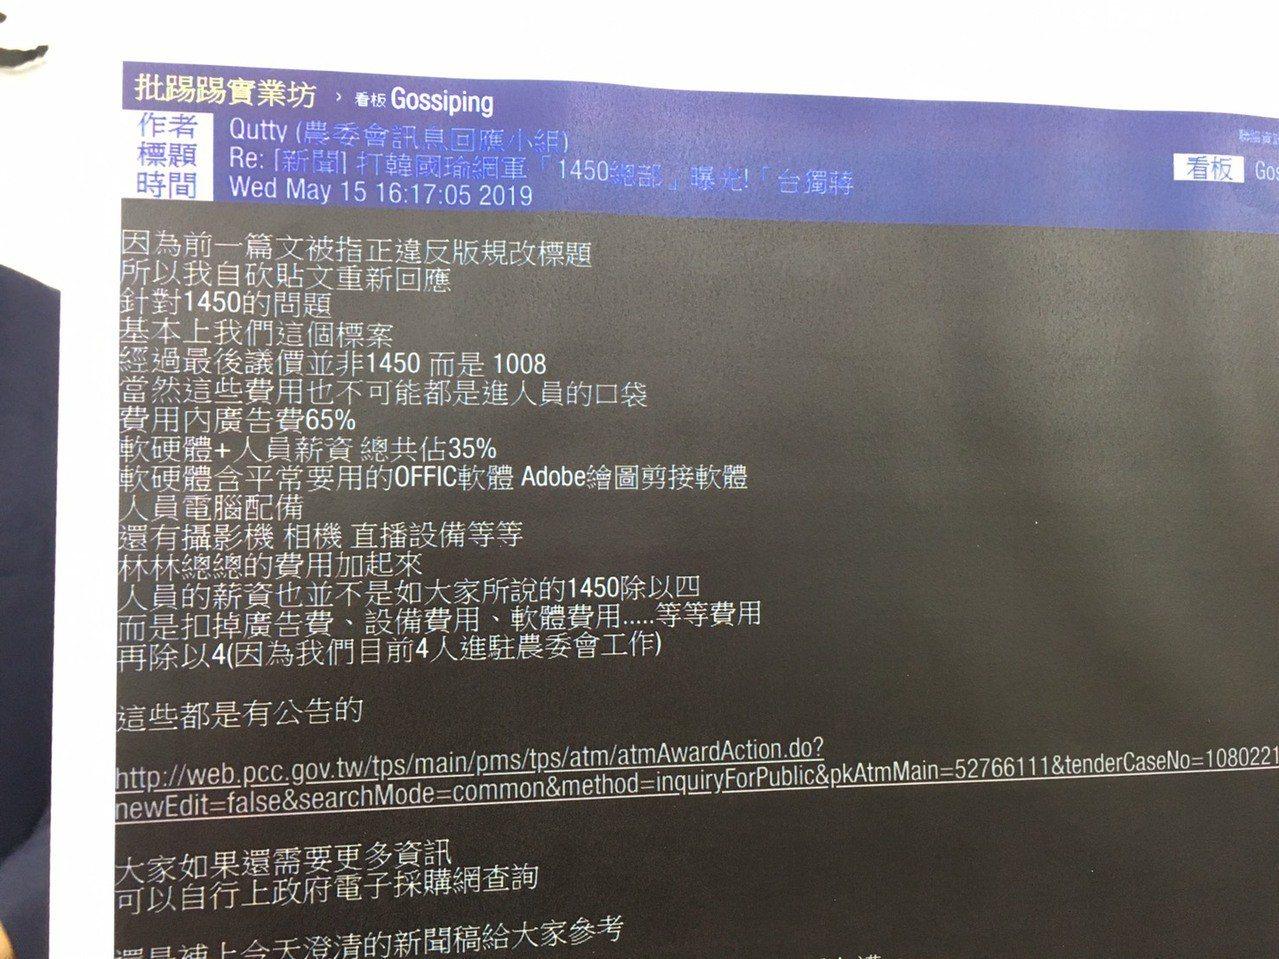 農委會專屬PTT帳號「Qutty」昨天開始發文。記者吳姿賢/攝影